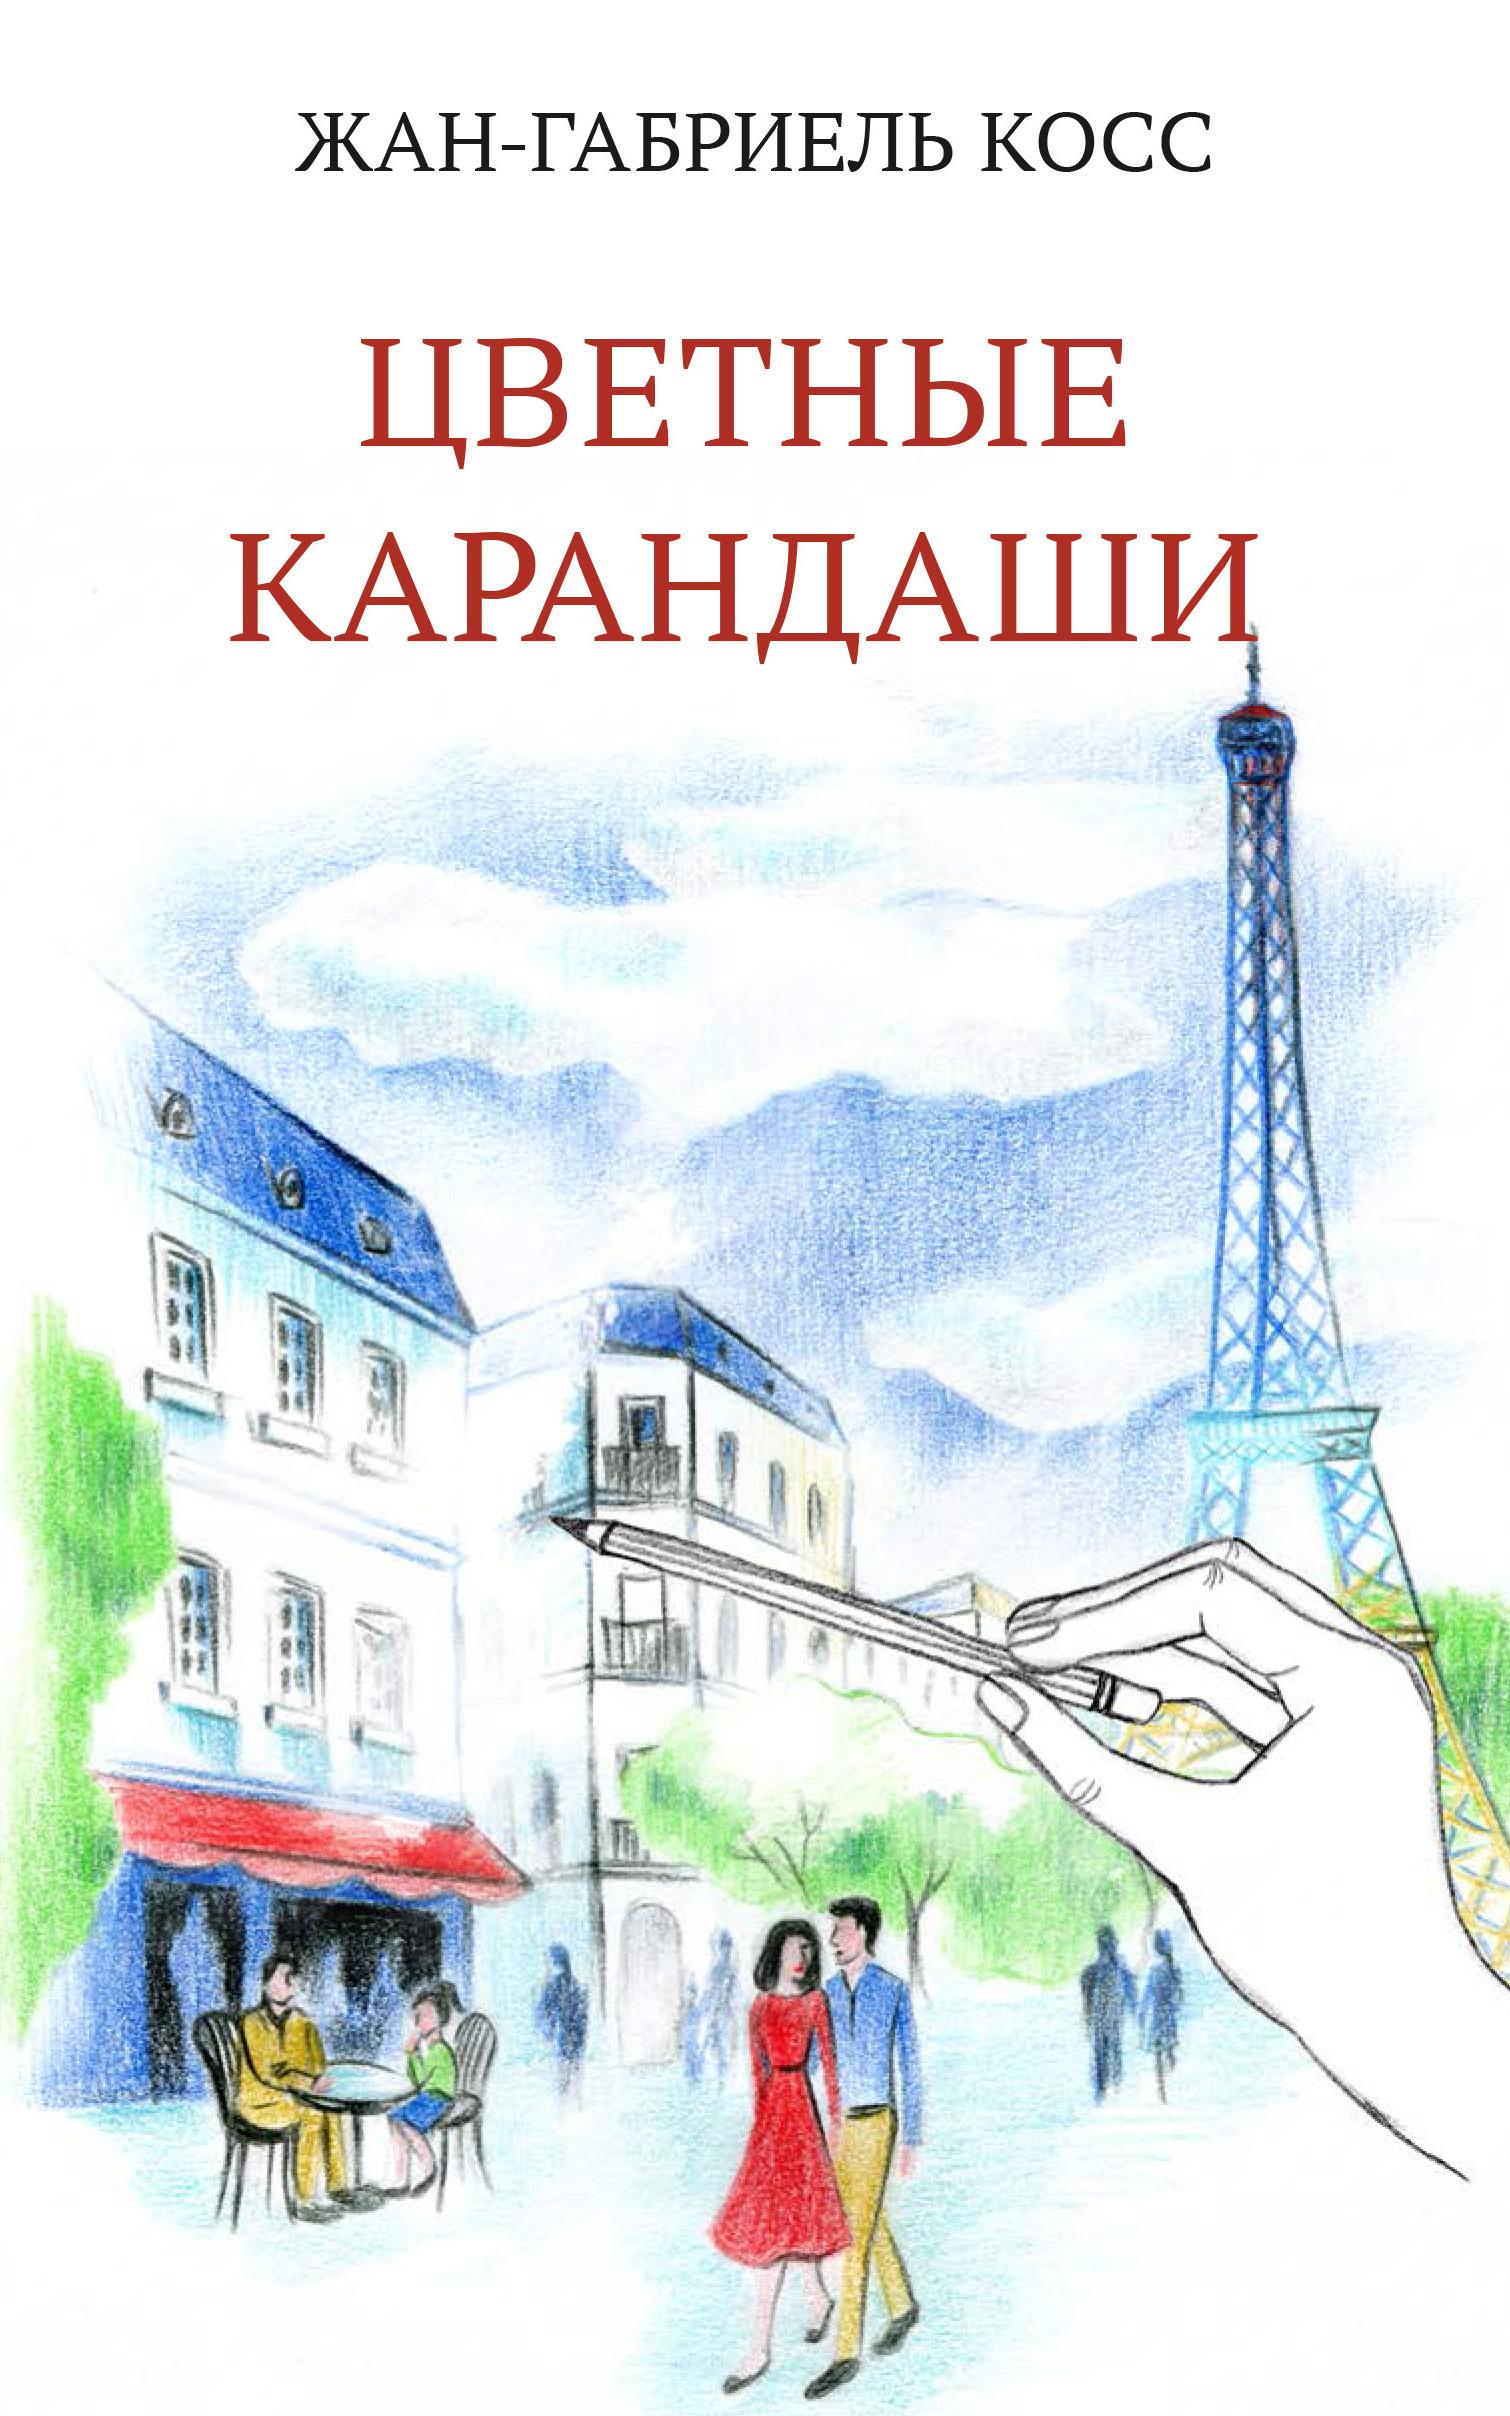 Жан-Габриэль Косс - Цветные карандаши